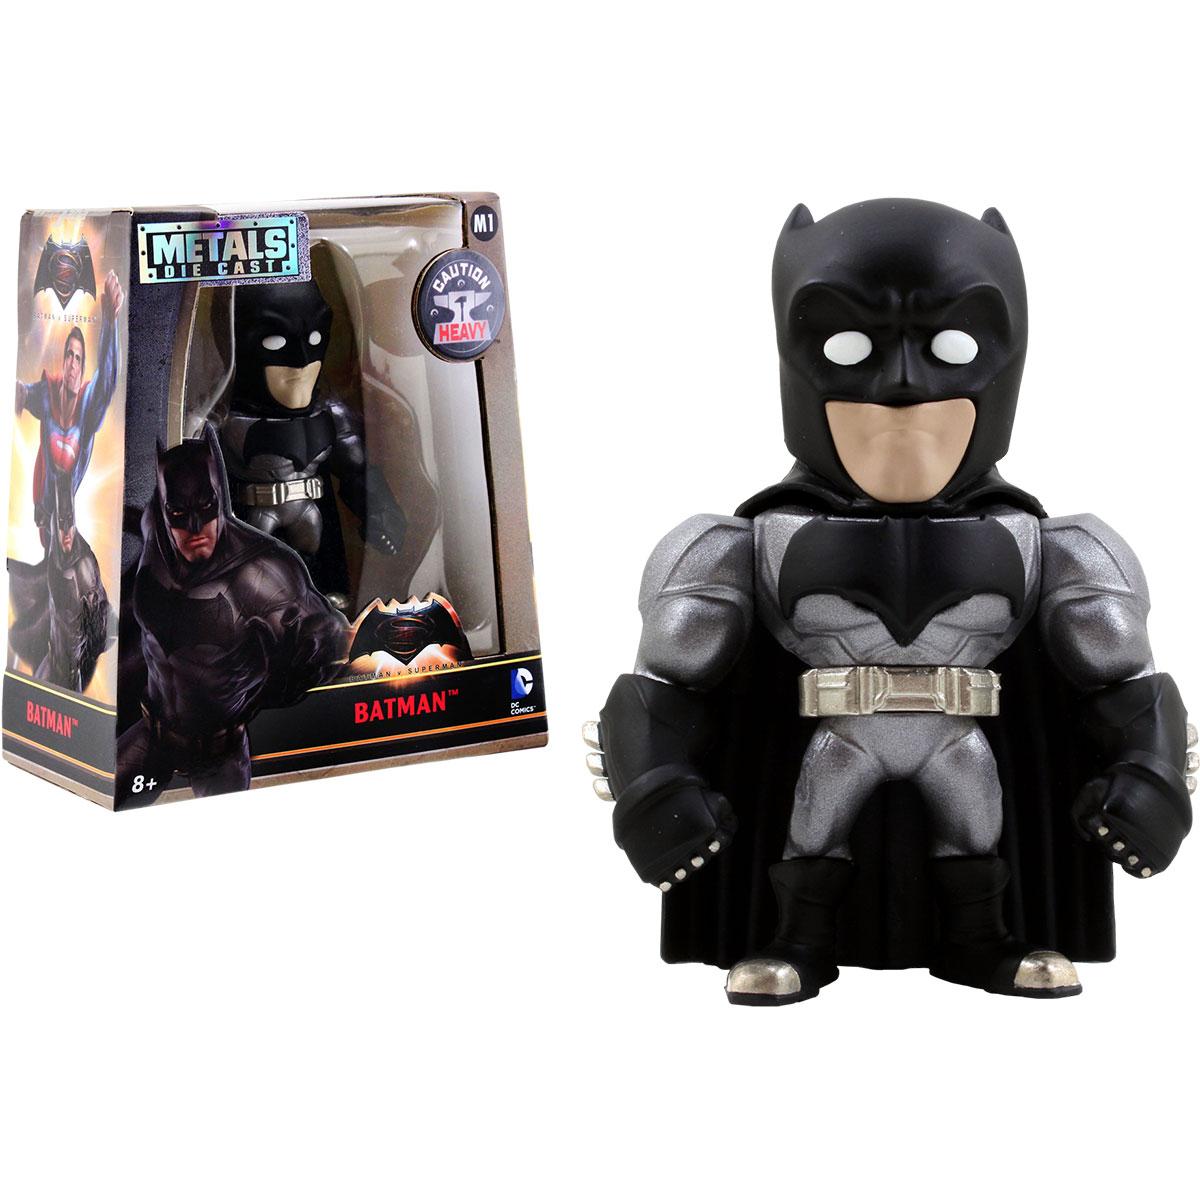 Jada Batman V Superman Batman Metals Diecast Figure At